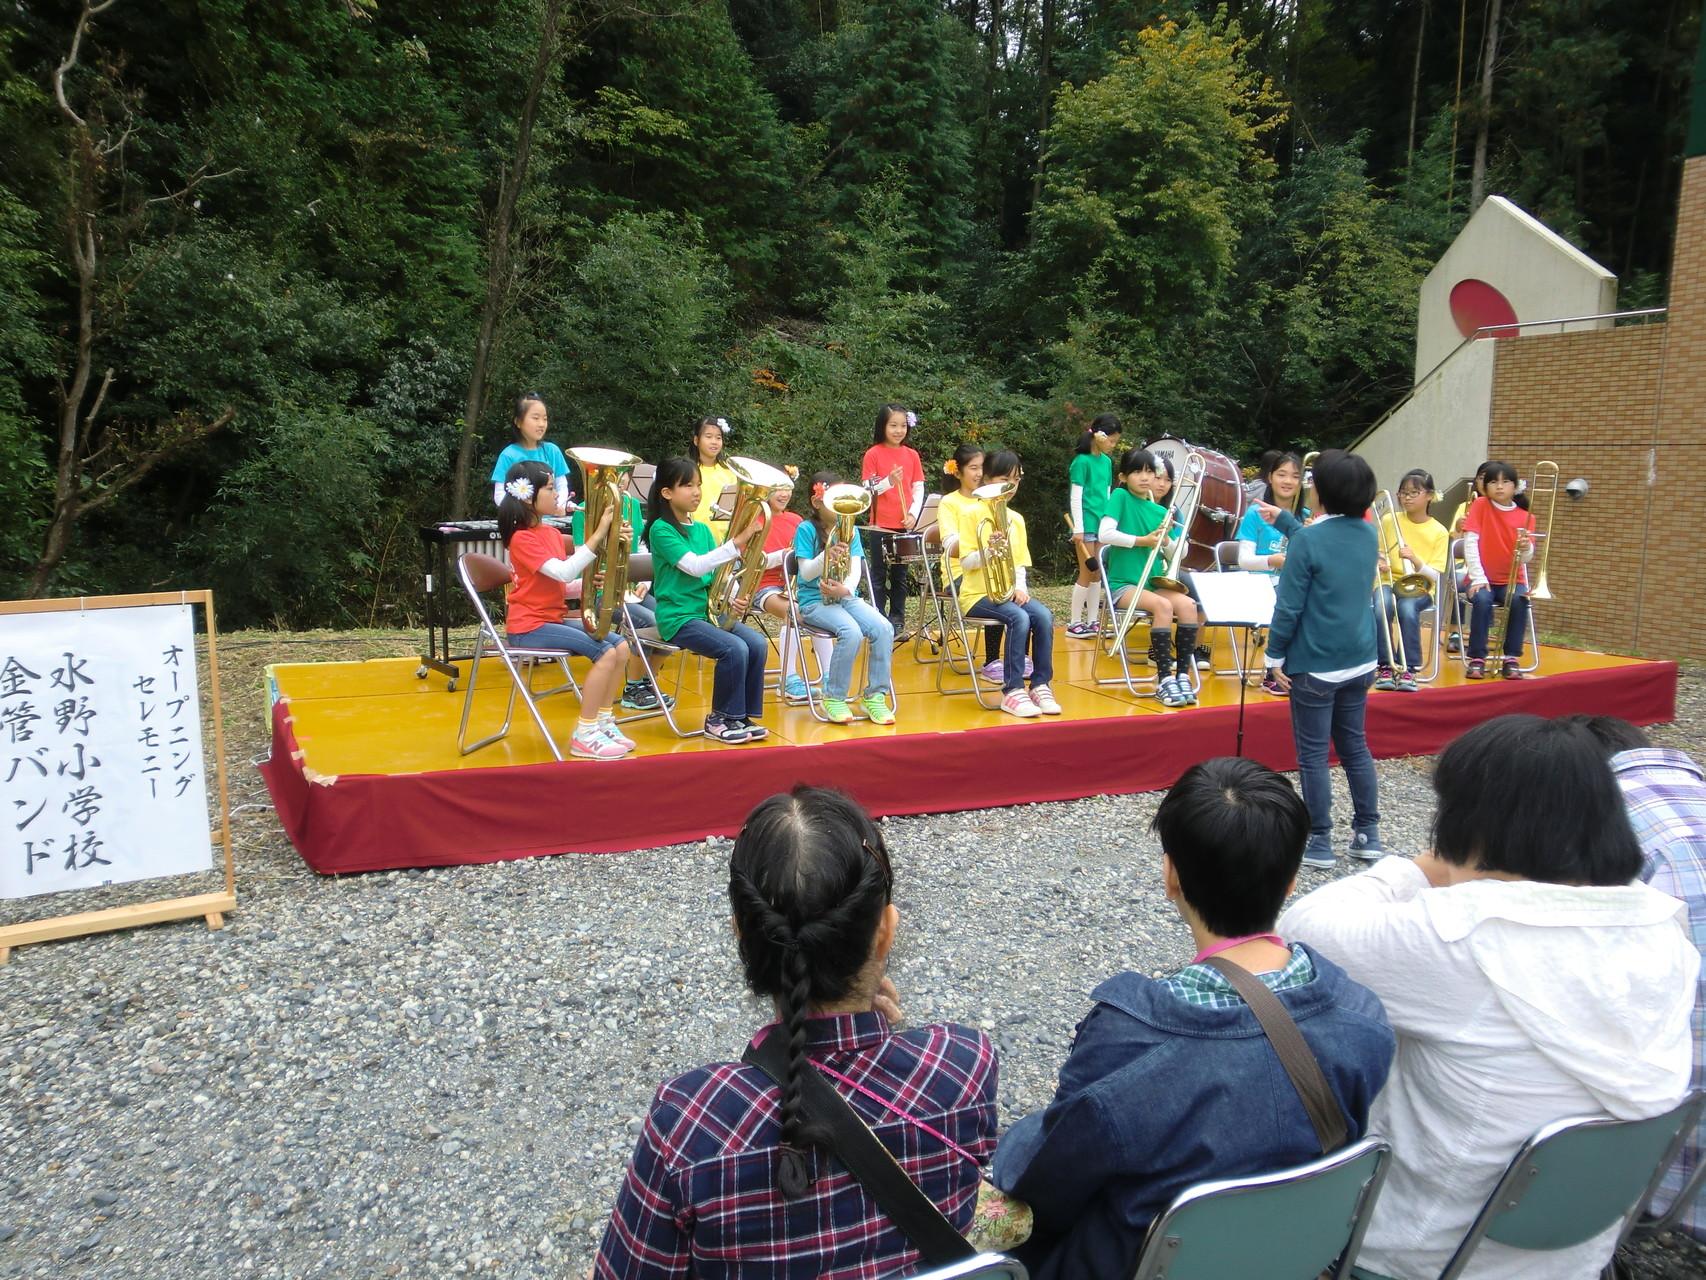 水野小学校金管バンド部の演奏。ありがとうございました。